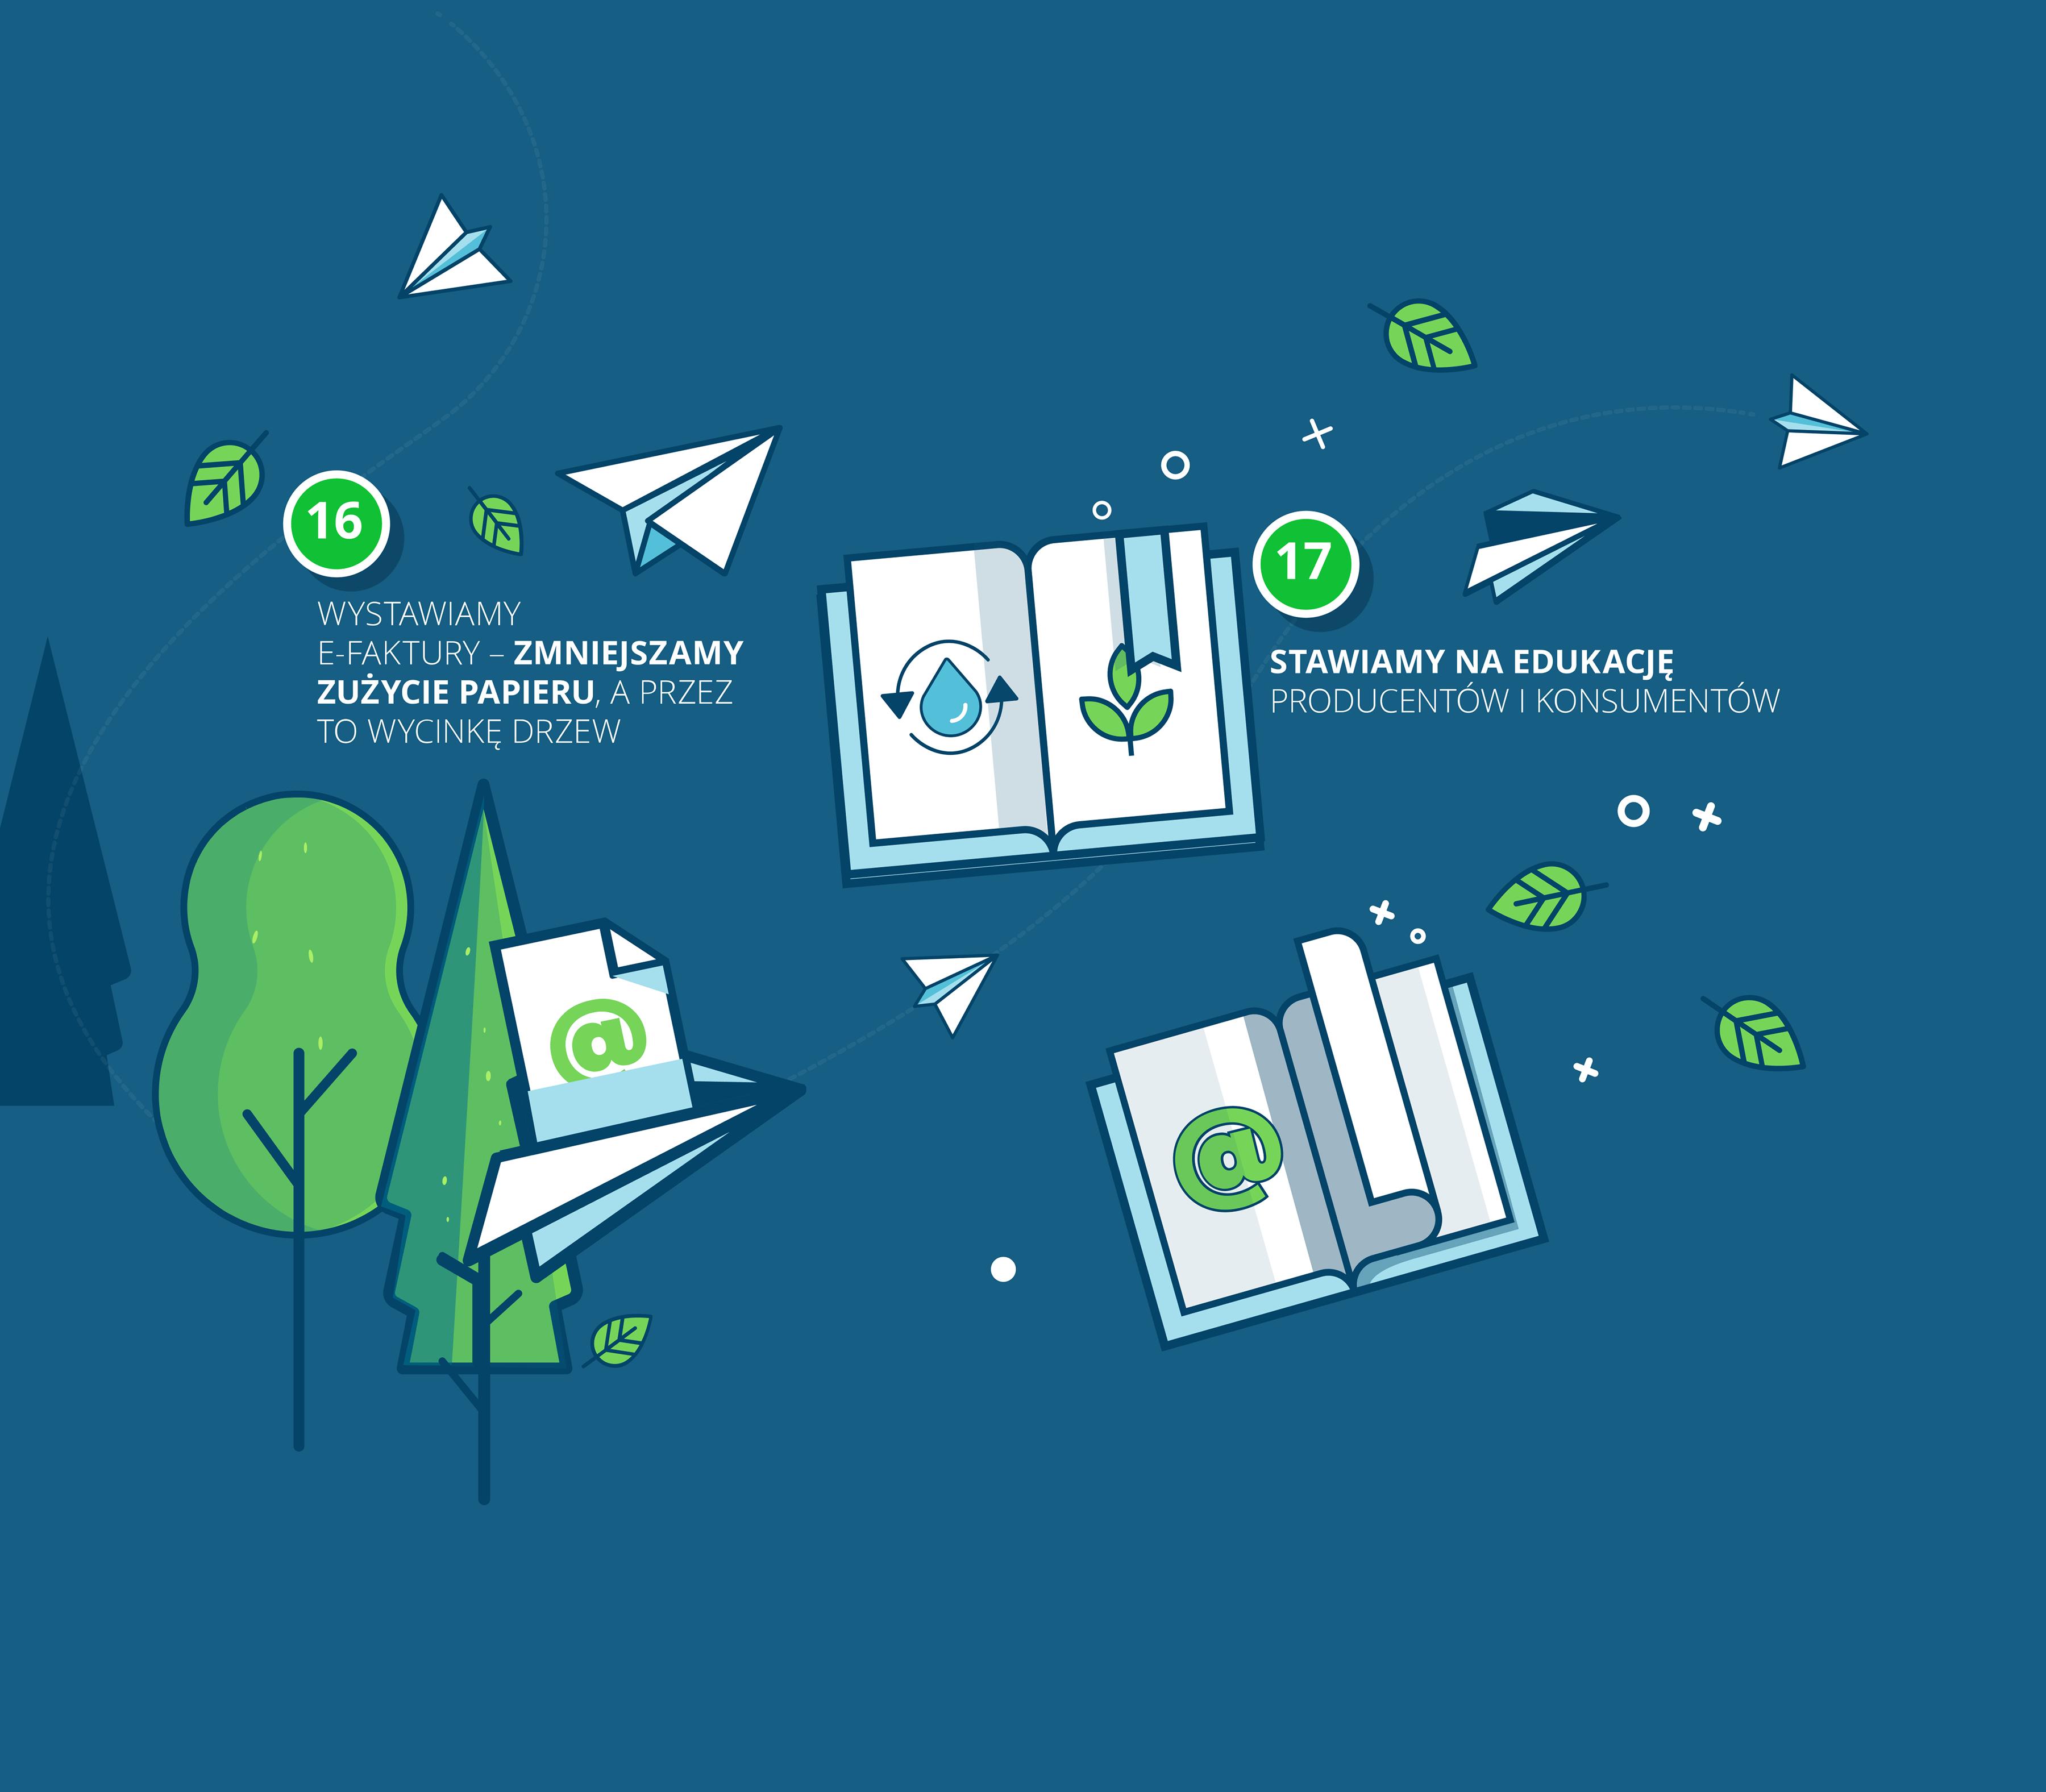 Zrównoważony rozwój 9